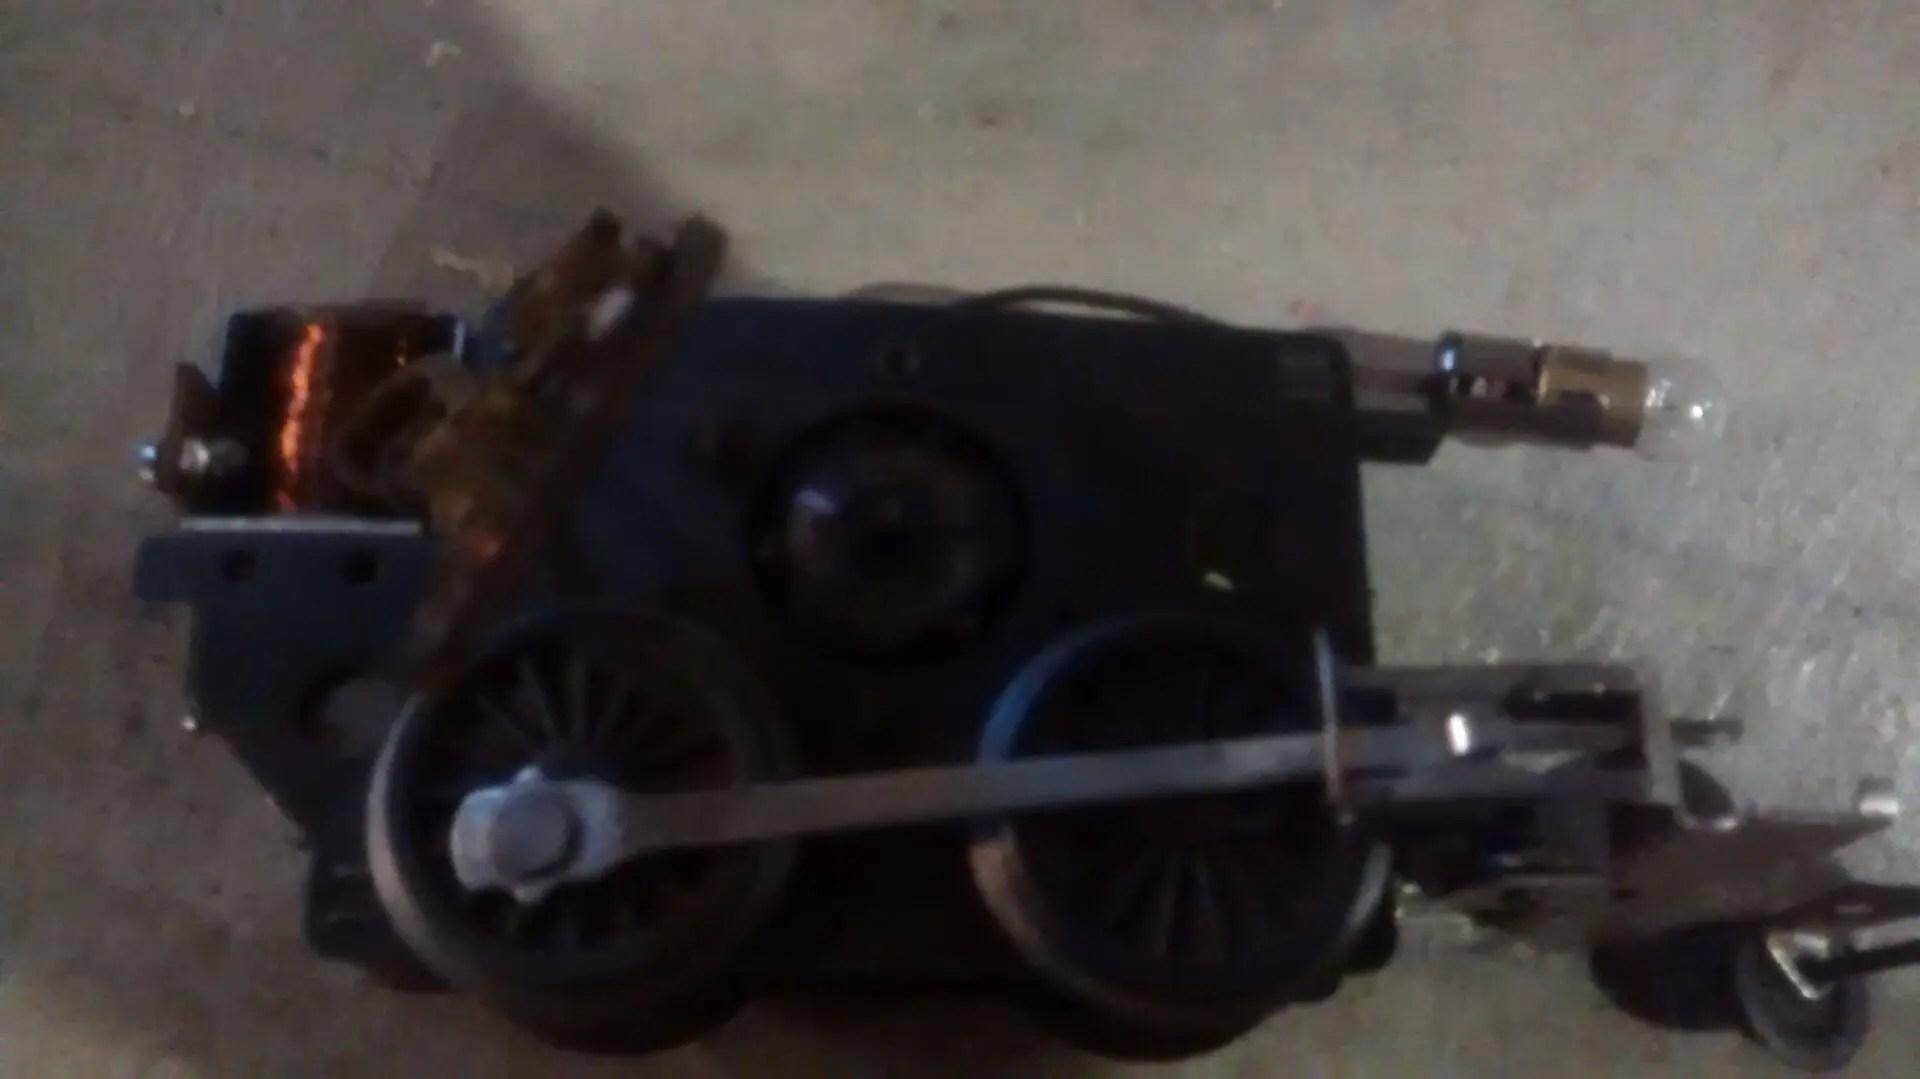 Repair a Lionel train motor - The Silicon UndergroundThe Silicon Underground